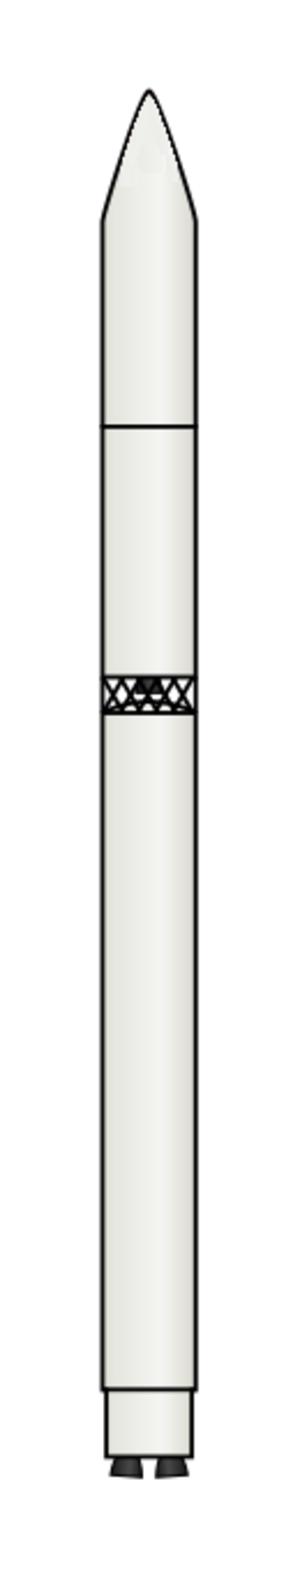 Zenit-3F - Image: Zenit 3F